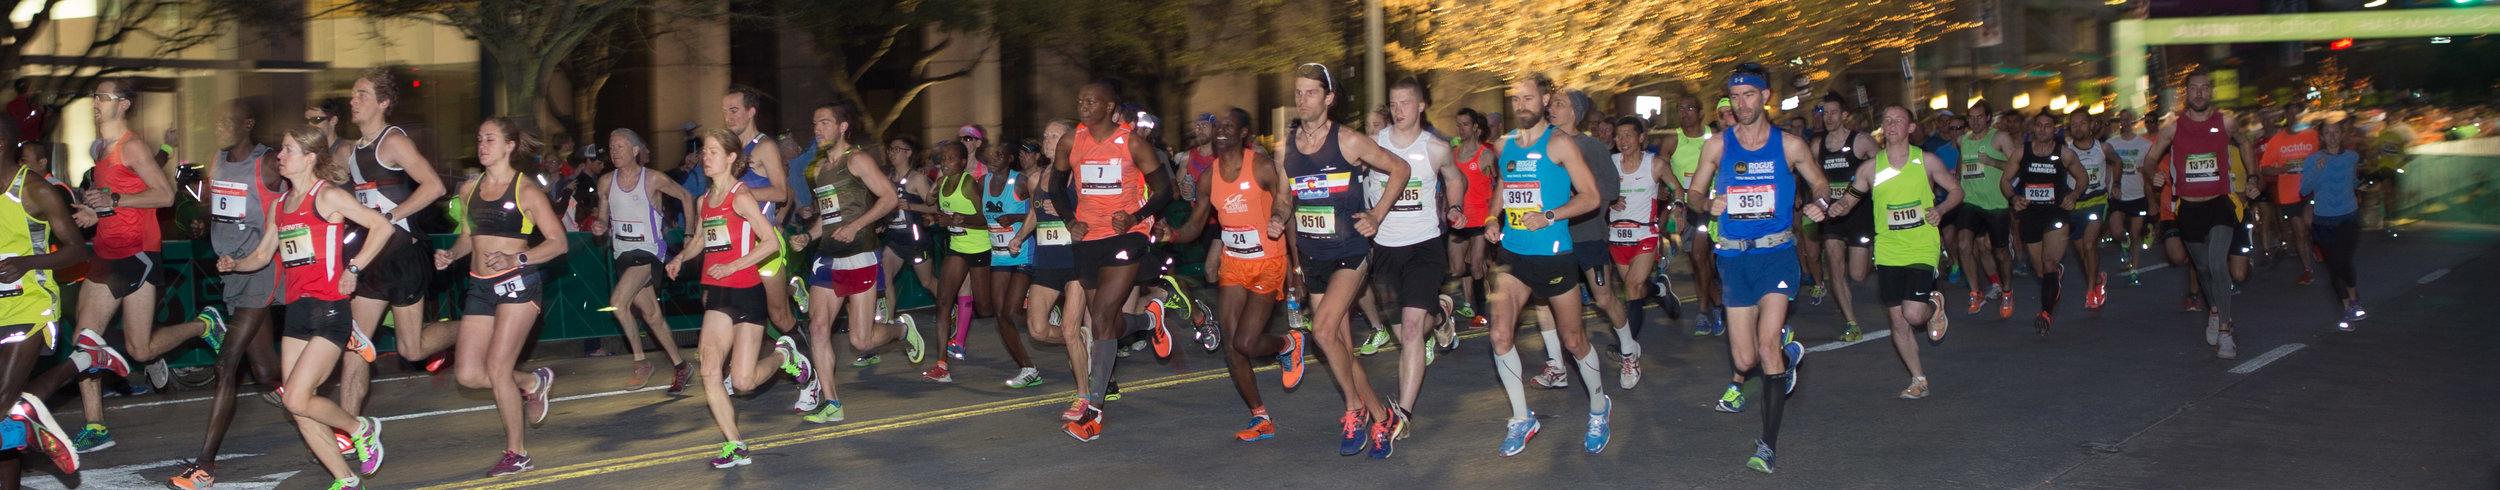 Austin Marathon 2015 pub-4.jpg